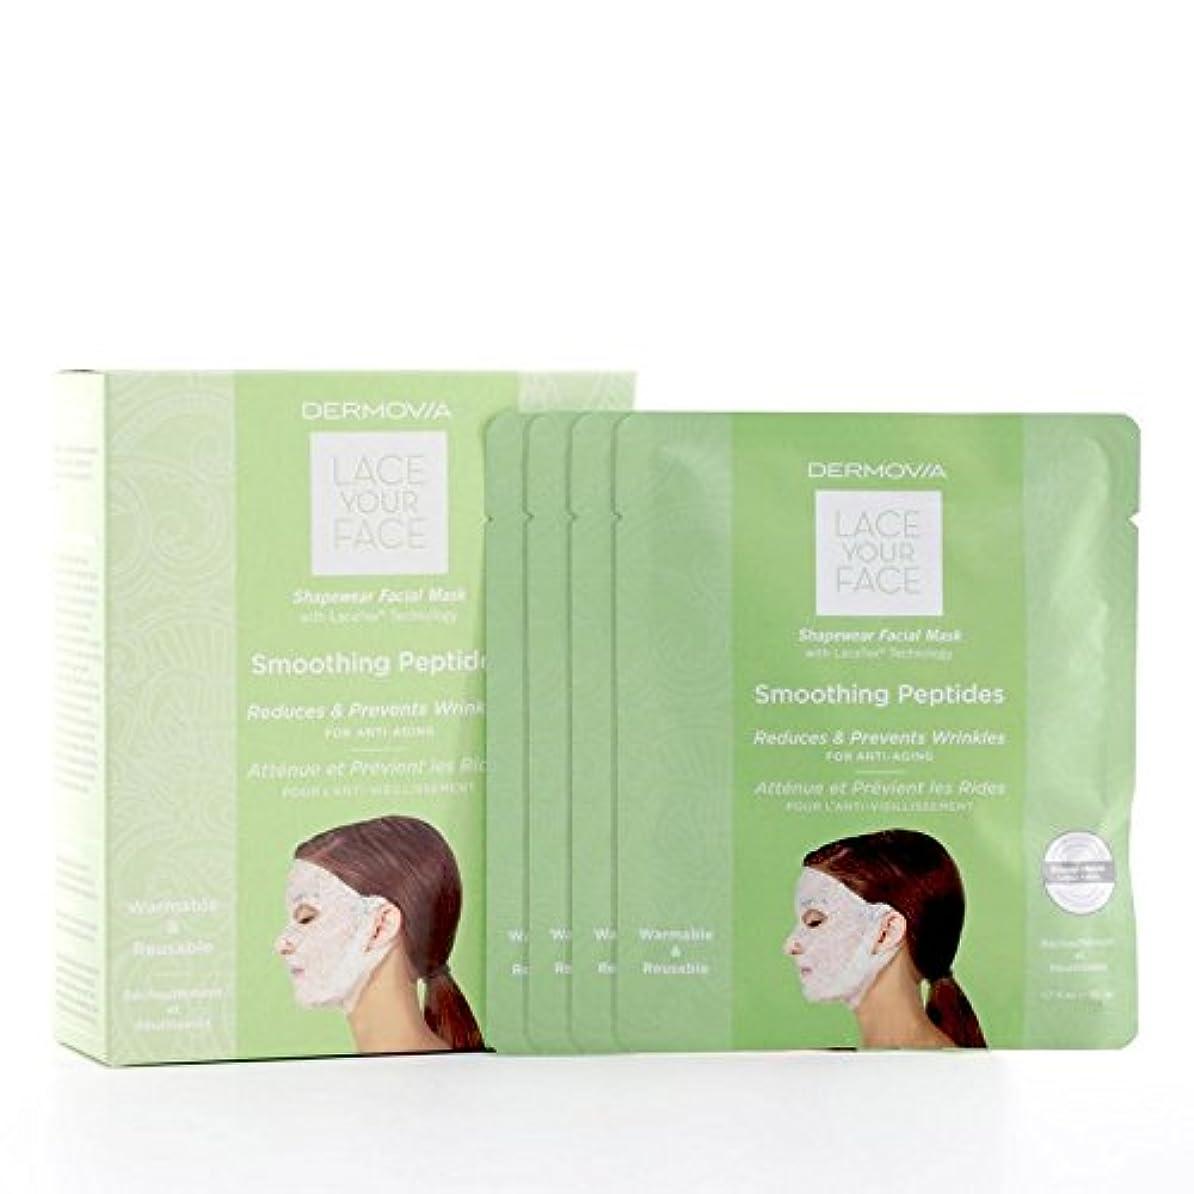 悪行ケントヒントは、あなたの顔の圧縮フェイシャルマスク平滑化ペプチドをひもで締めます x4 - Dermovia Lace Your Face Compression Facial Mask Smoothing Peptides (Pack...